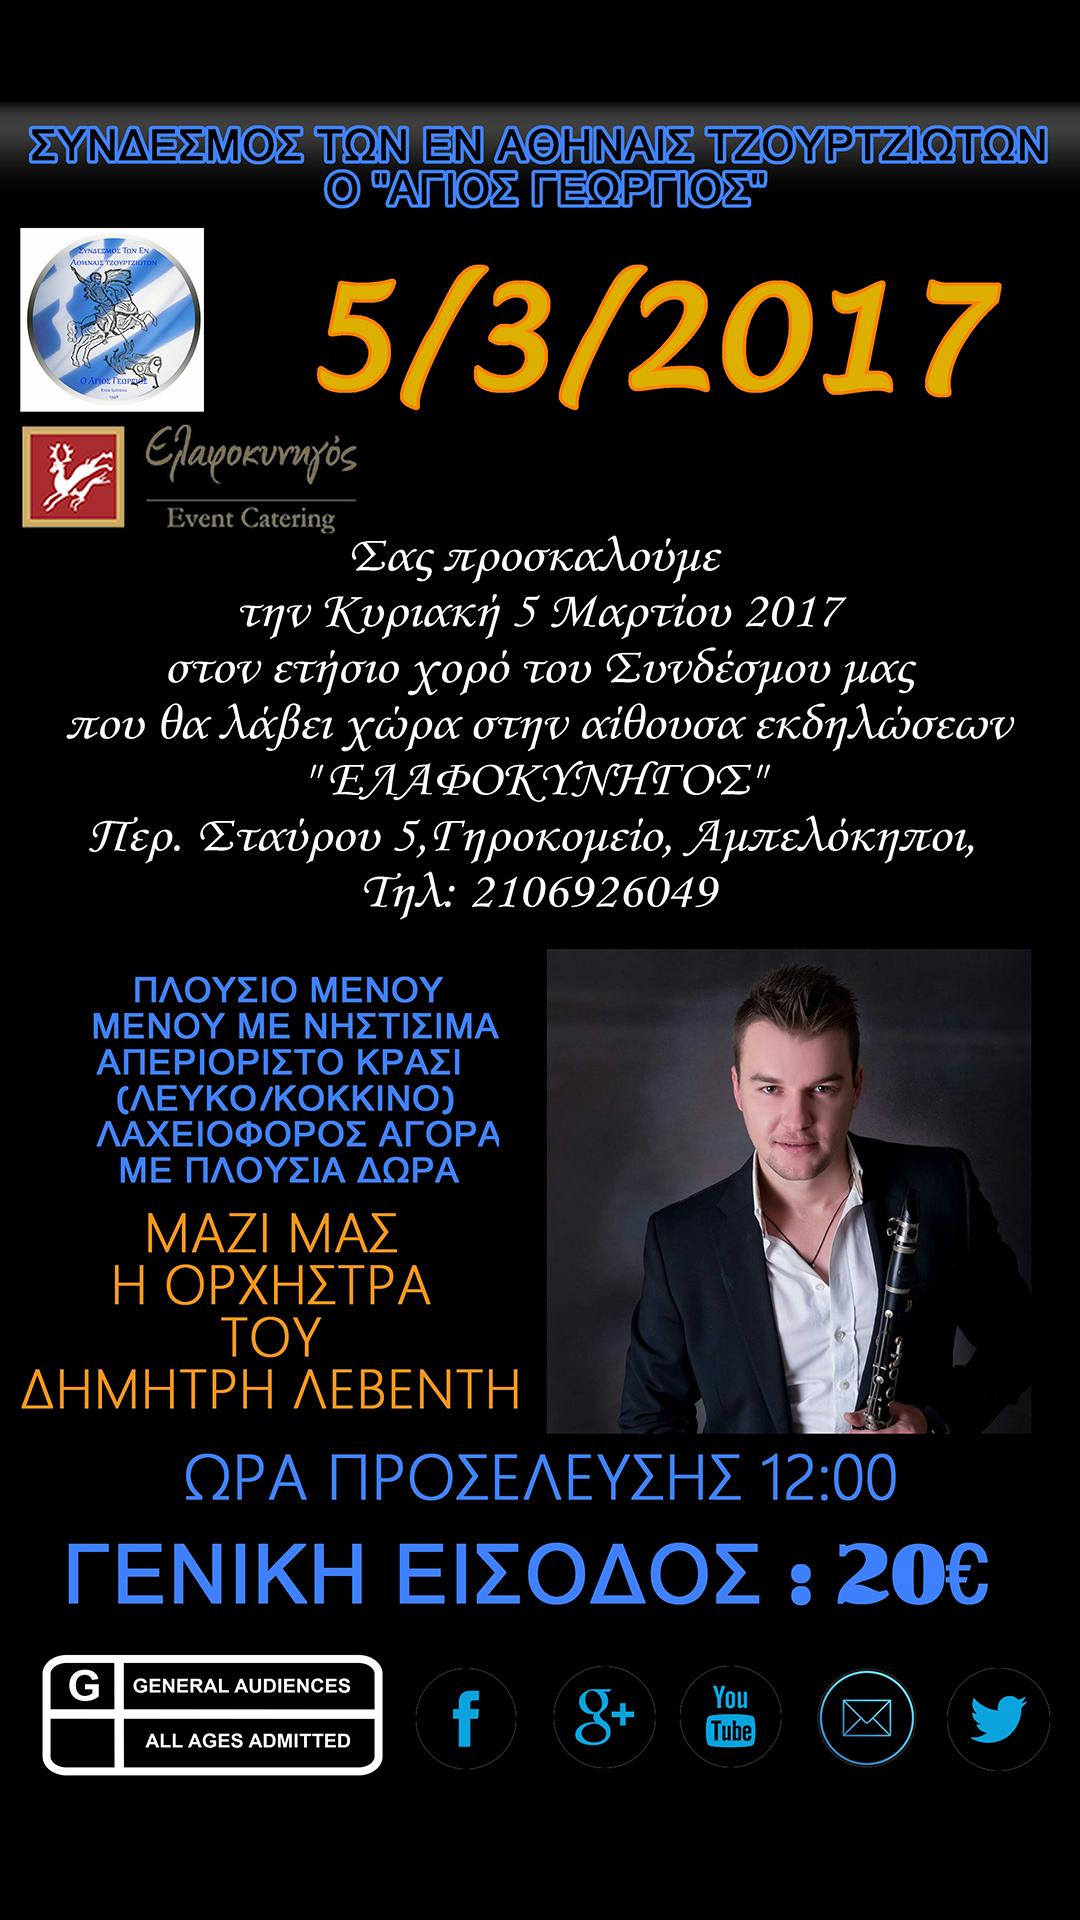 Ετήσιος χορός Συνδέσμου 2017